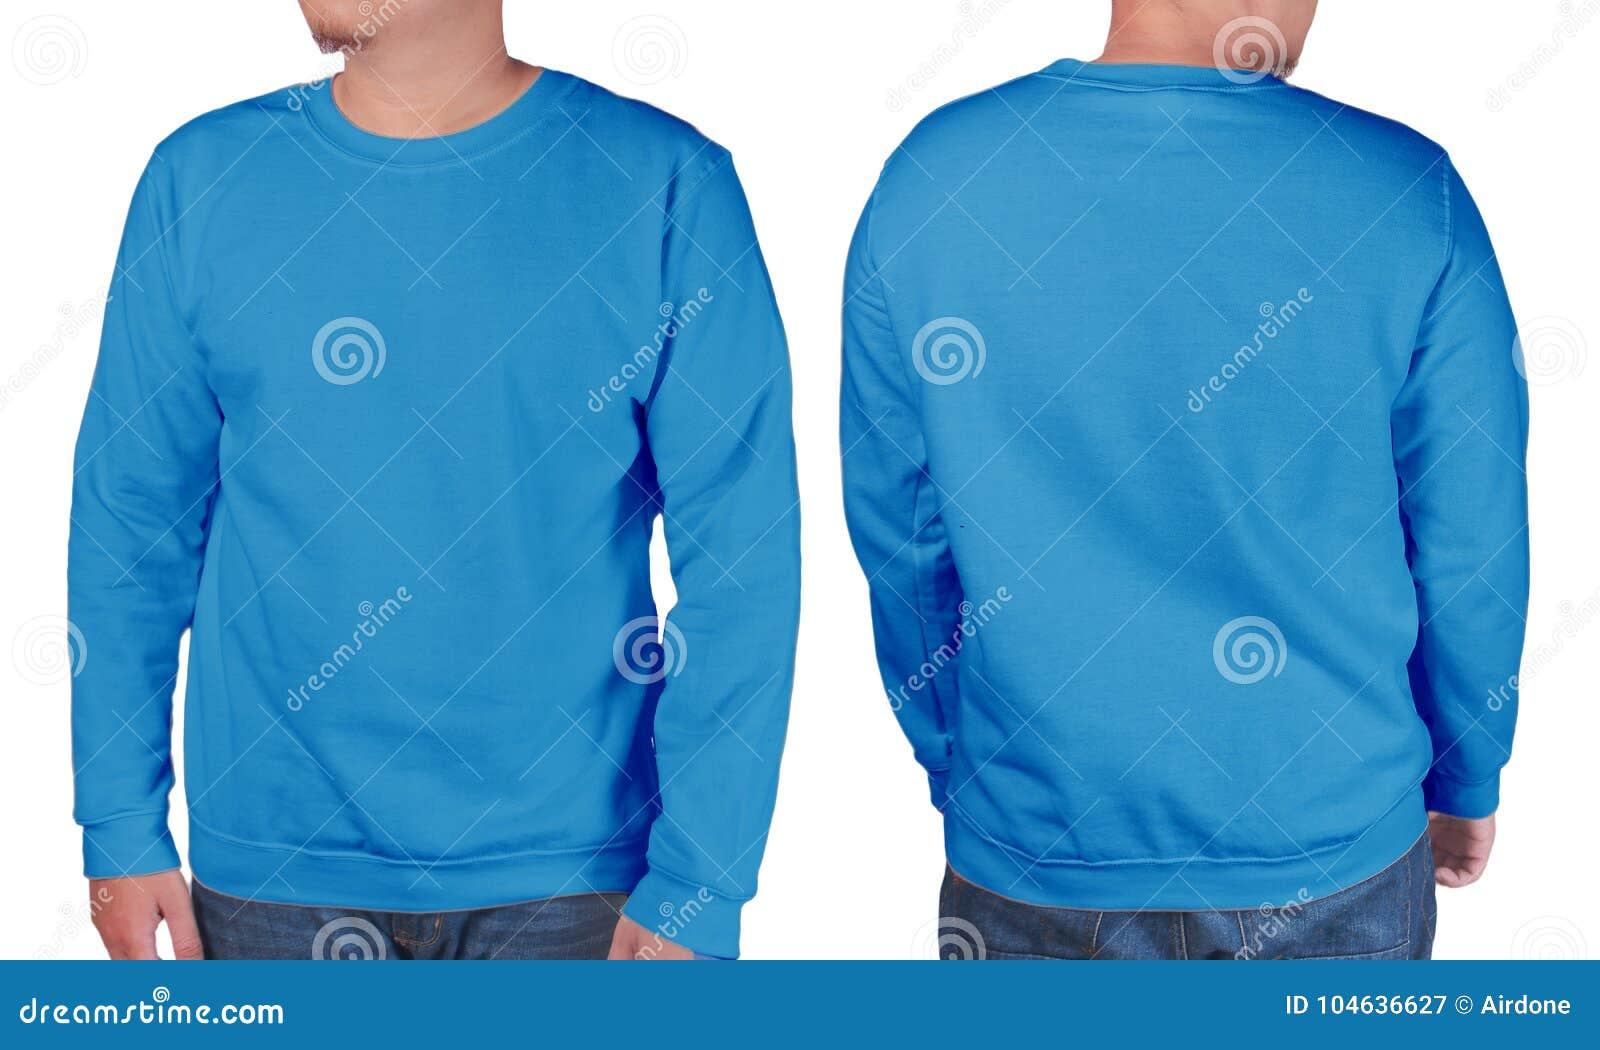 Download Blauw Het Modelmalplaatje Van Het Sweater Lang Sleeved Overhemd Stock Afbeelding - Afbeelding bestaande uit verkoop, toevallig: 104636627